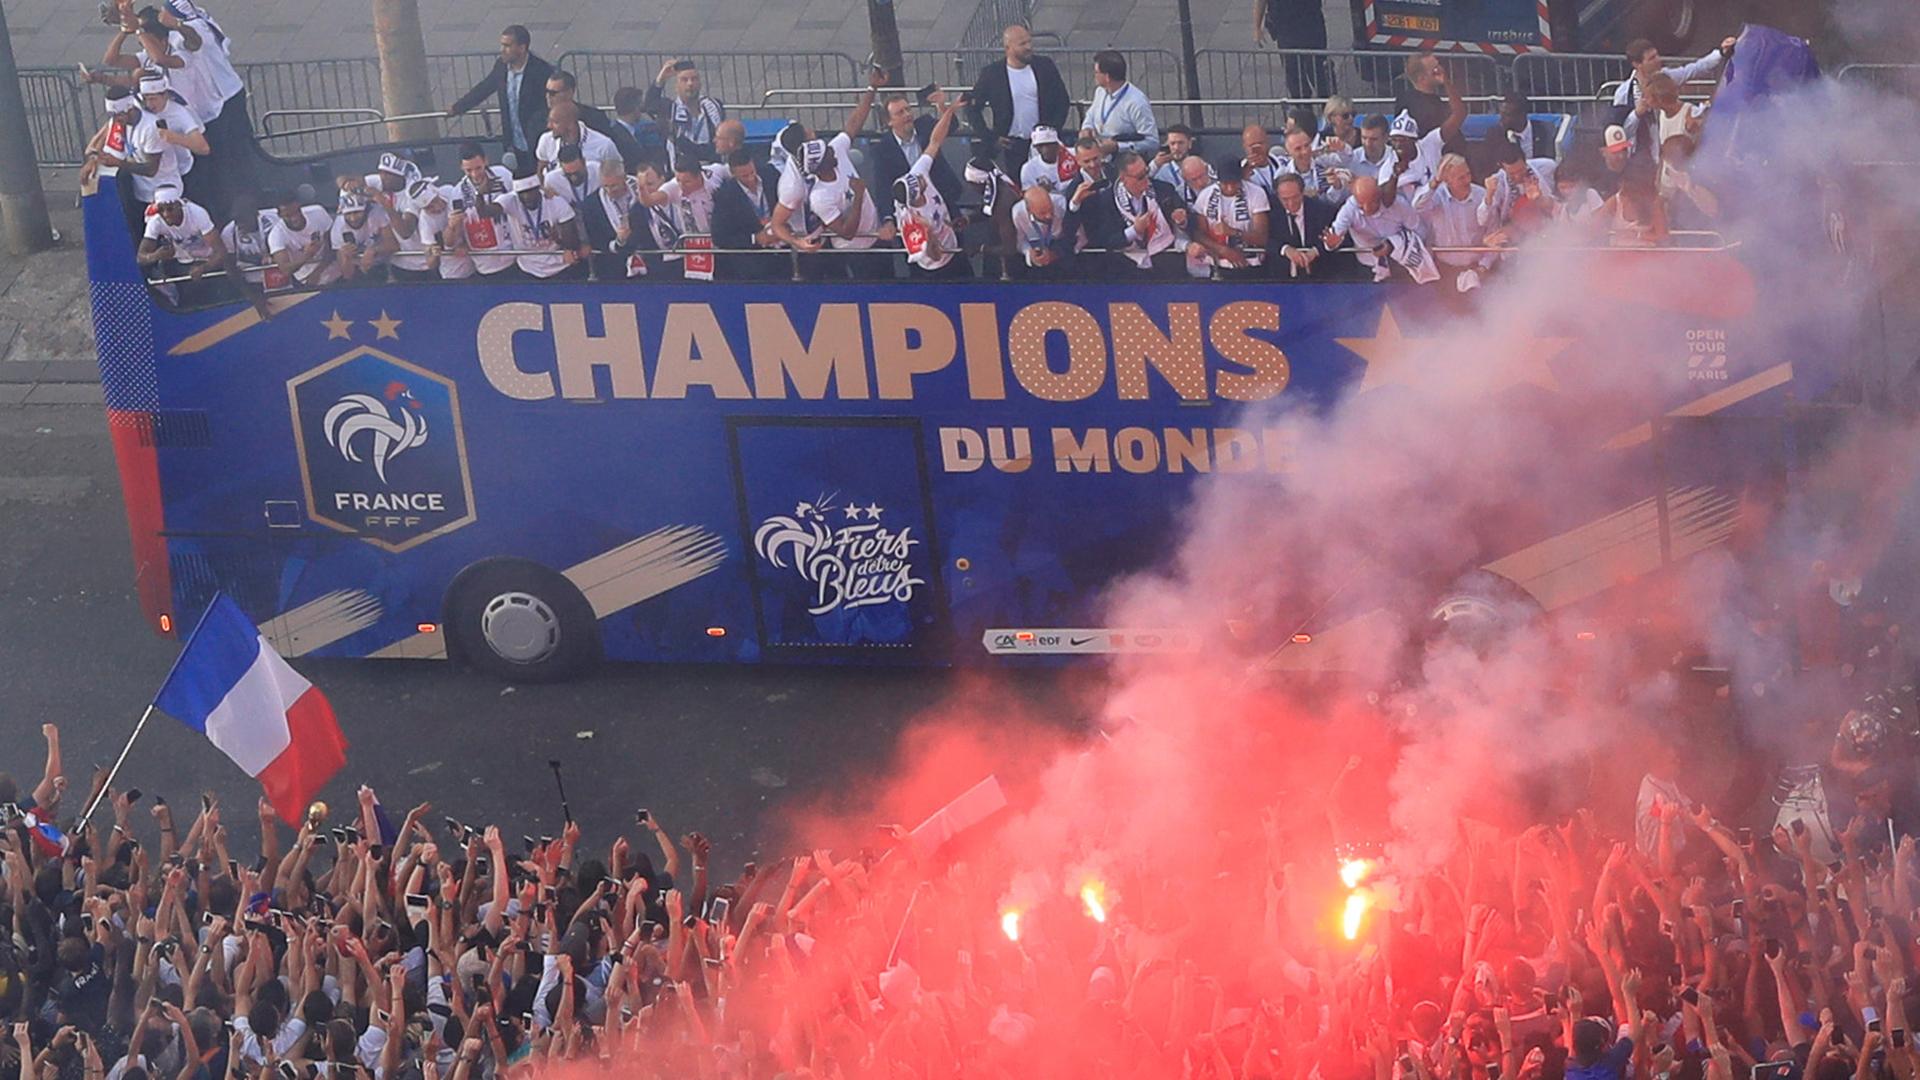 Francia se coronó campeón el Mundo tras vencer a Croacia 4-2 en la final